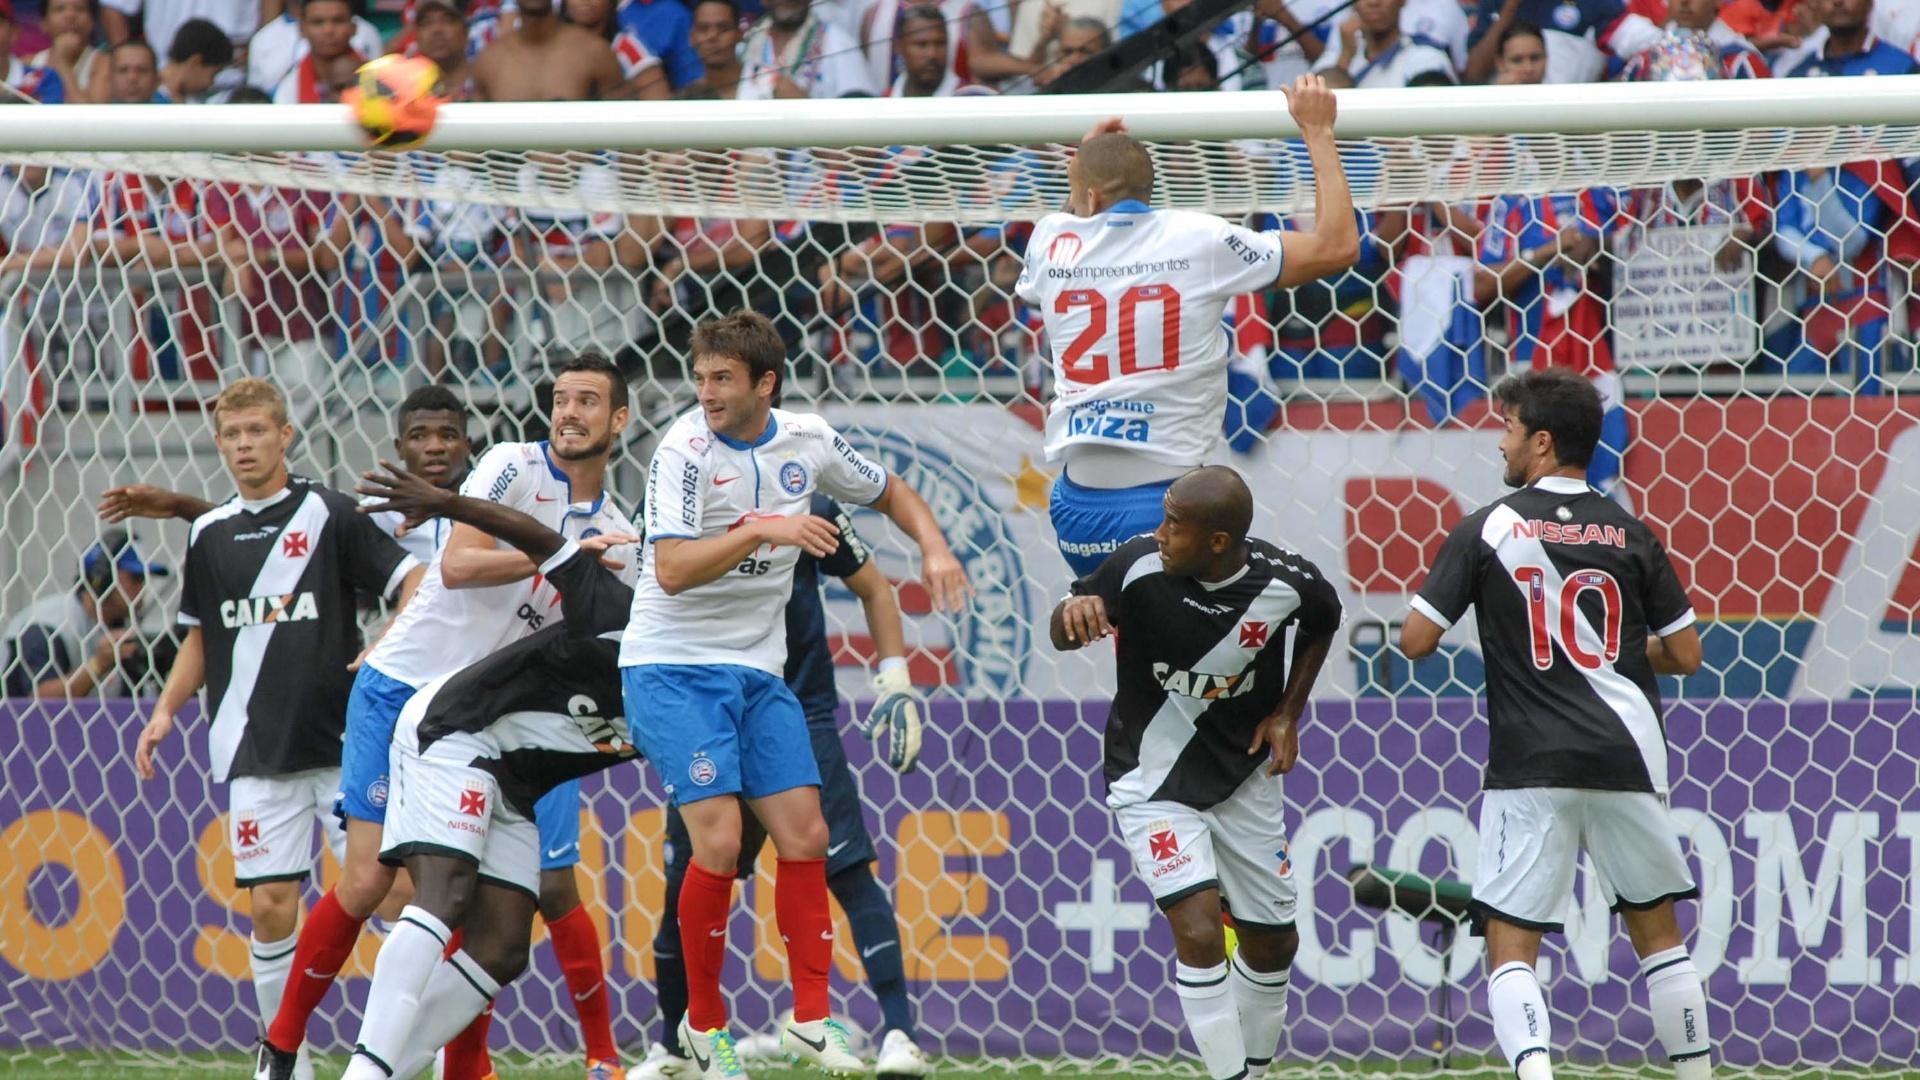 29.set.2013 - Jogadores do Vasco observam cobrança de falta do Bahia durante partida do Campeonato Brasileiro